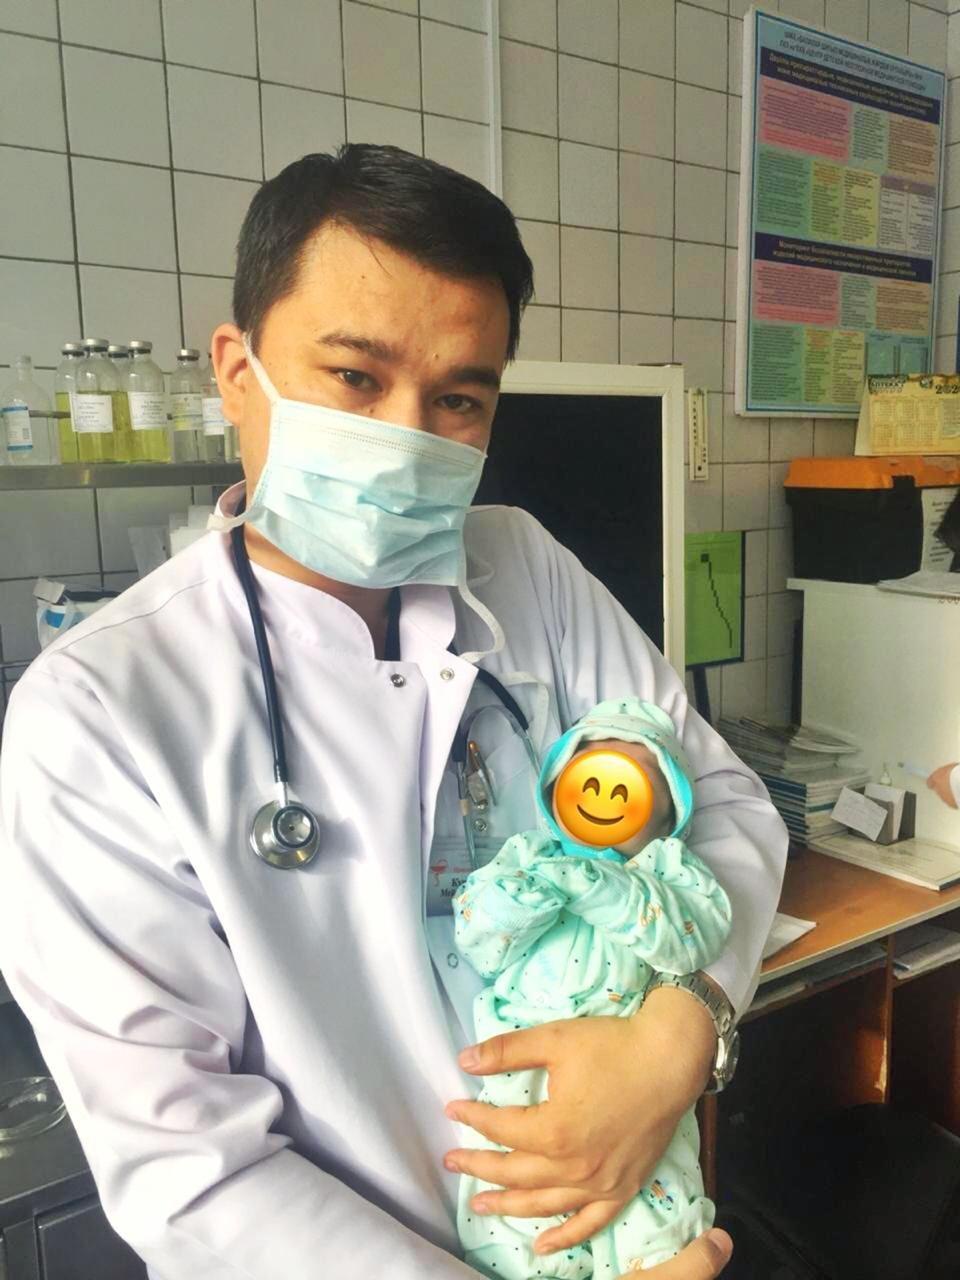 Алматинские врачи спасли двухдневного ребенка с врожденным пороком развития, фото-1